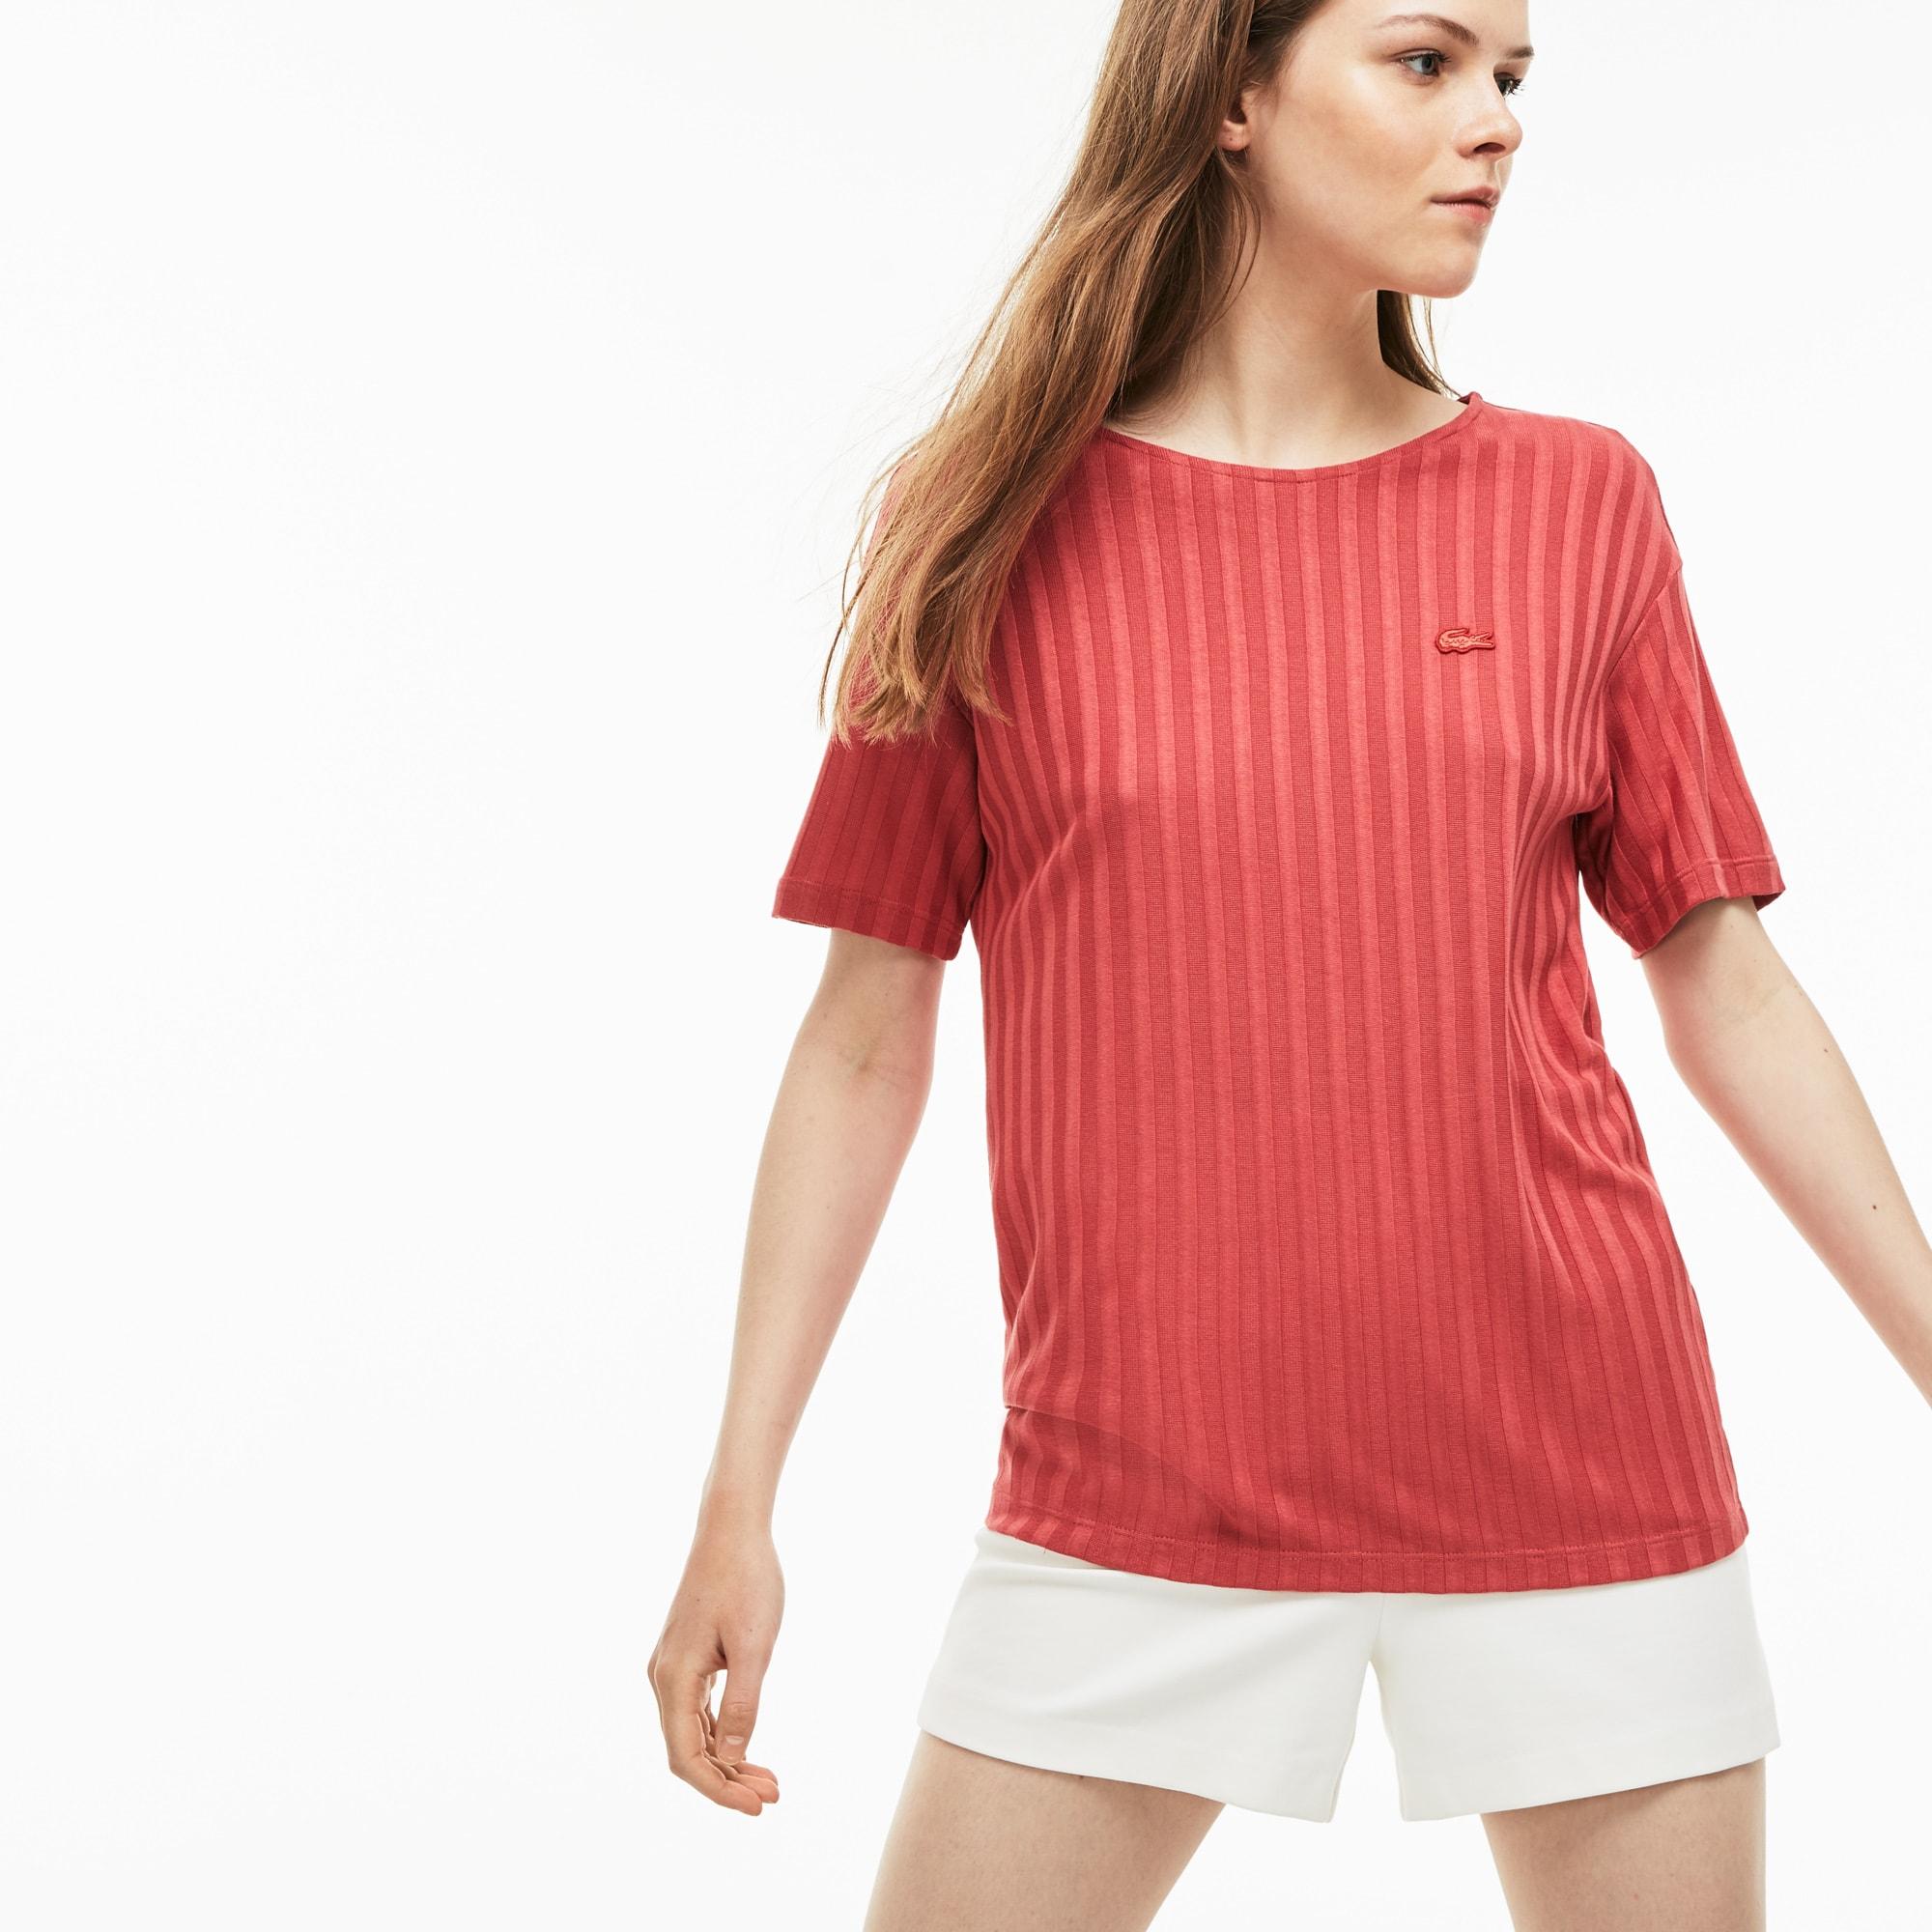 Lacoste Lacoste T ShirtsVêtement ShirtsVêtement Femme T ShirtsVêtement ShirtsVêtement T Femme Lacoste T Femme Femme lT13FJKc